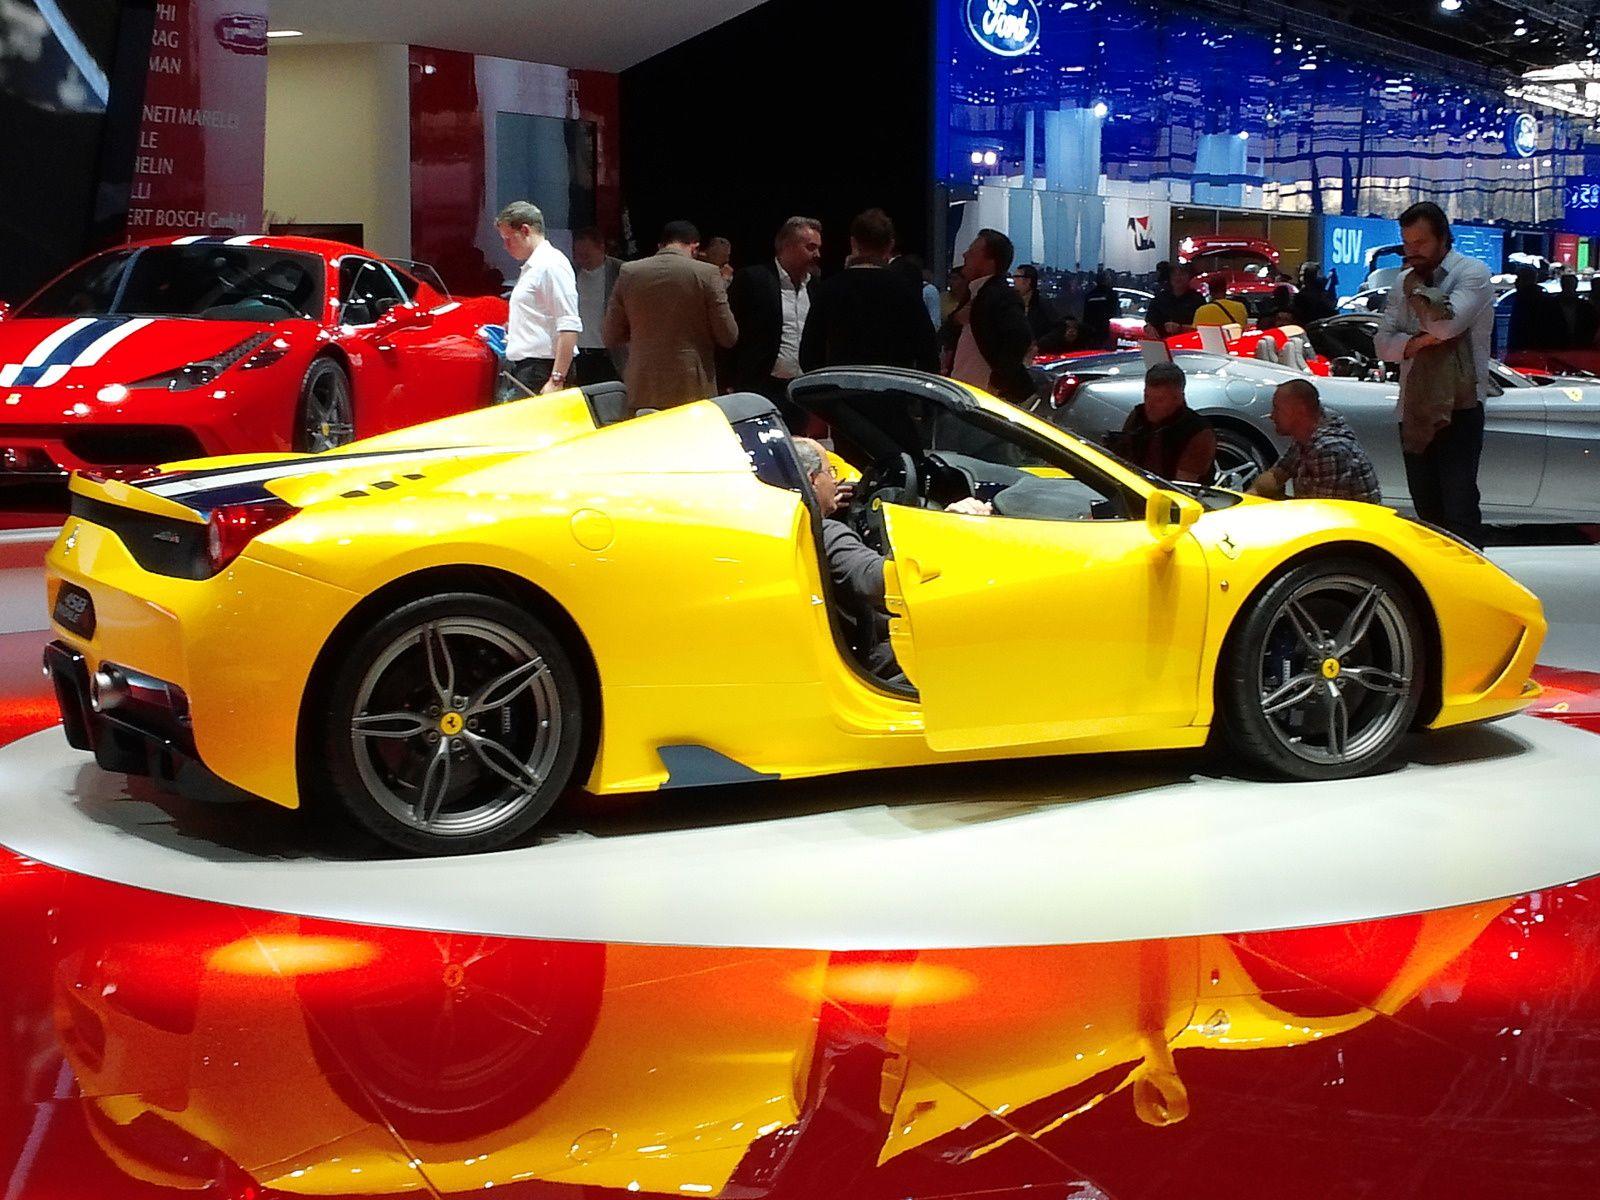 """Frerrari 458 Spéciale A - Toutes les rumeurs se sont tues ce jeudi 25 septembre, Ferrari a dévoilé officiellement la version cabriolet de la 458 Speciale à une semaine du Mondial de l'Automobile. Baptisée simplement """"A"""", pour """"Aperta"""" (ouverte en italien), cette sportive reprend le moteur V8 605 chevaux et sera éditée à 499 exemplaires."""